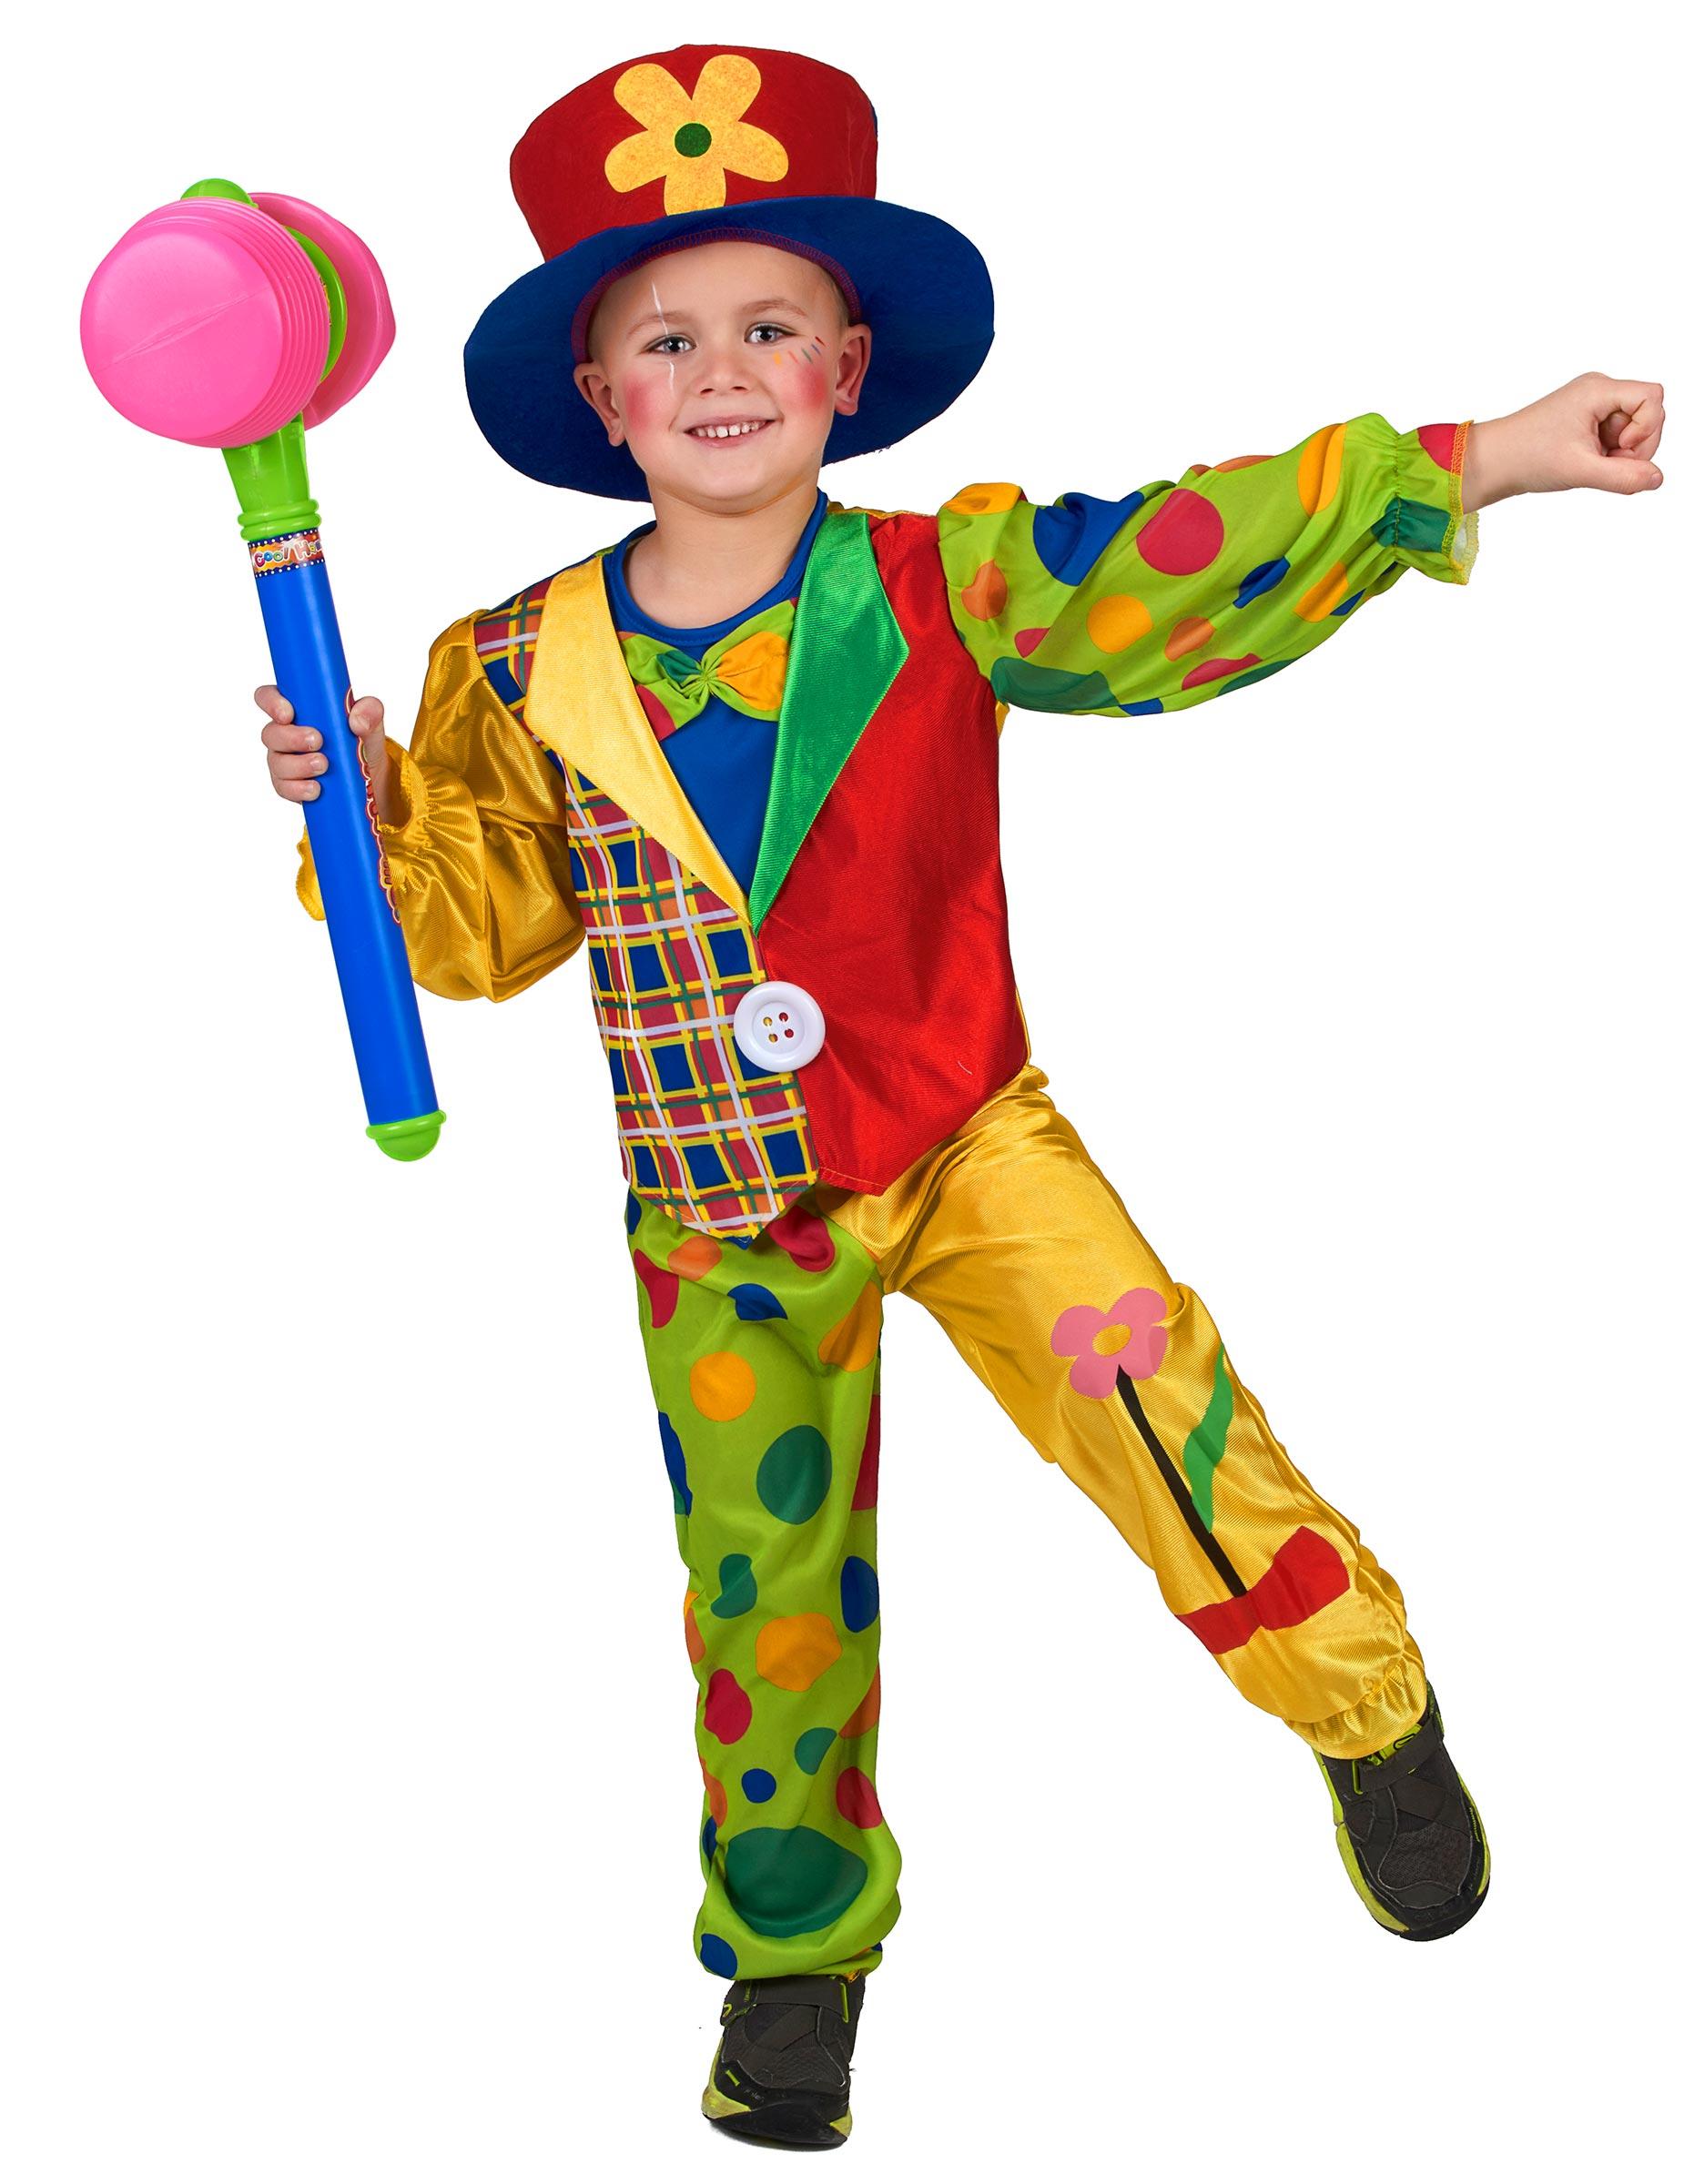 Costume per bambino da pagliaccio su VegaooParty d0af07a8c35